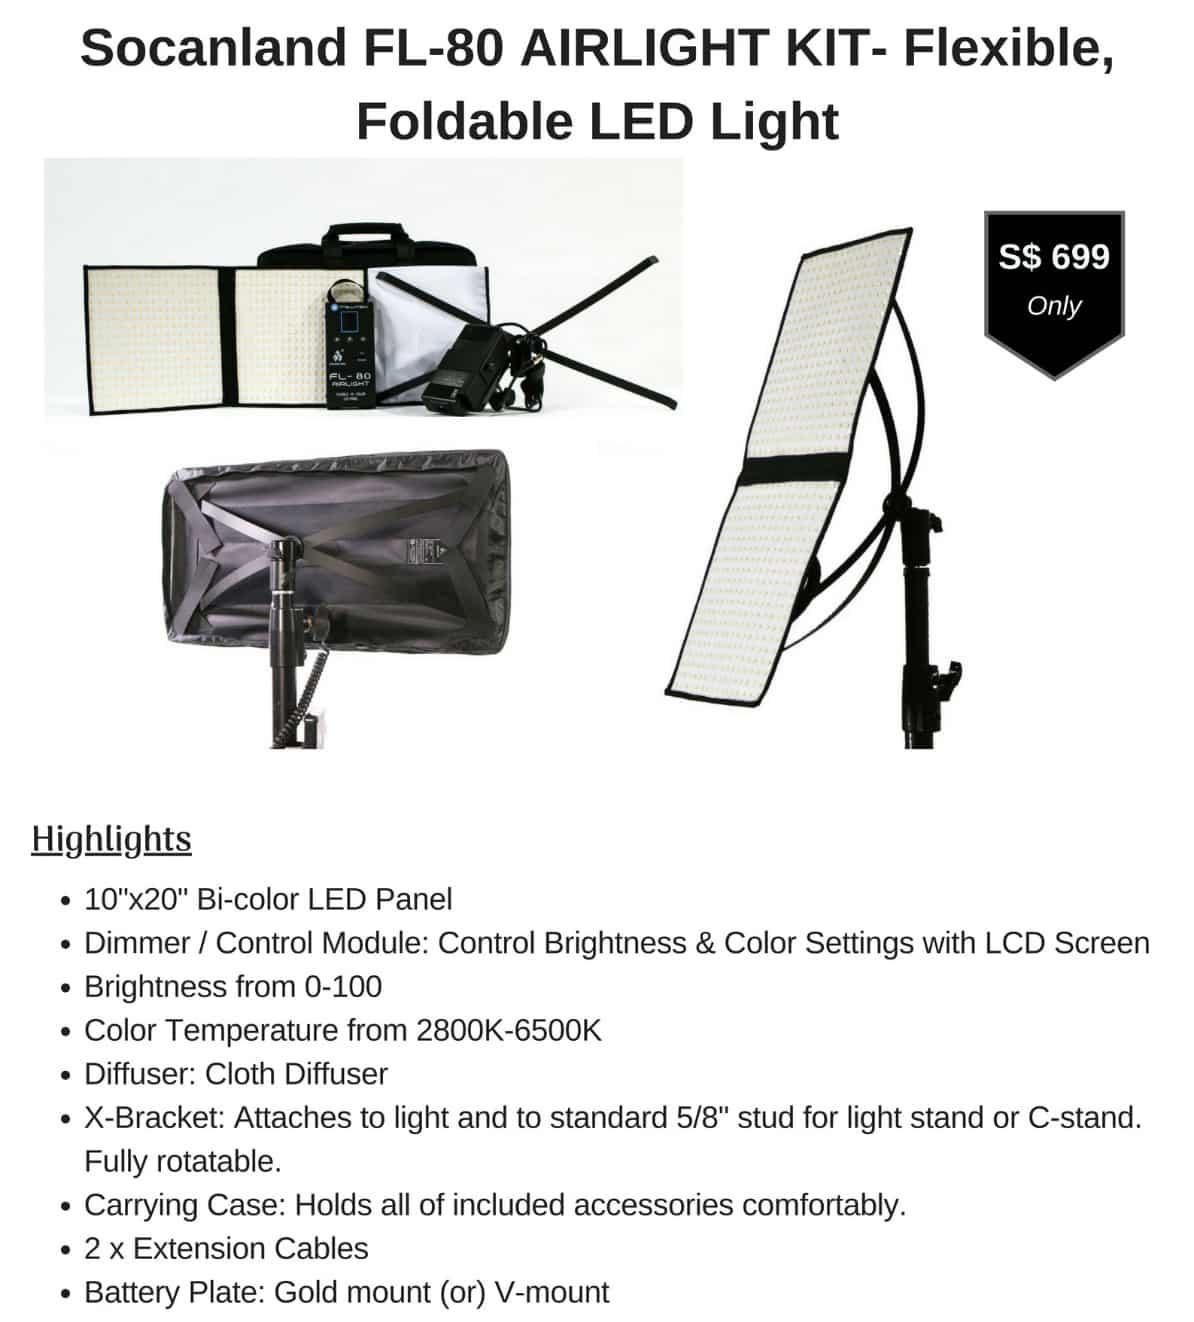 Socanland FL-80 AIRLIGHT KIT LED Light